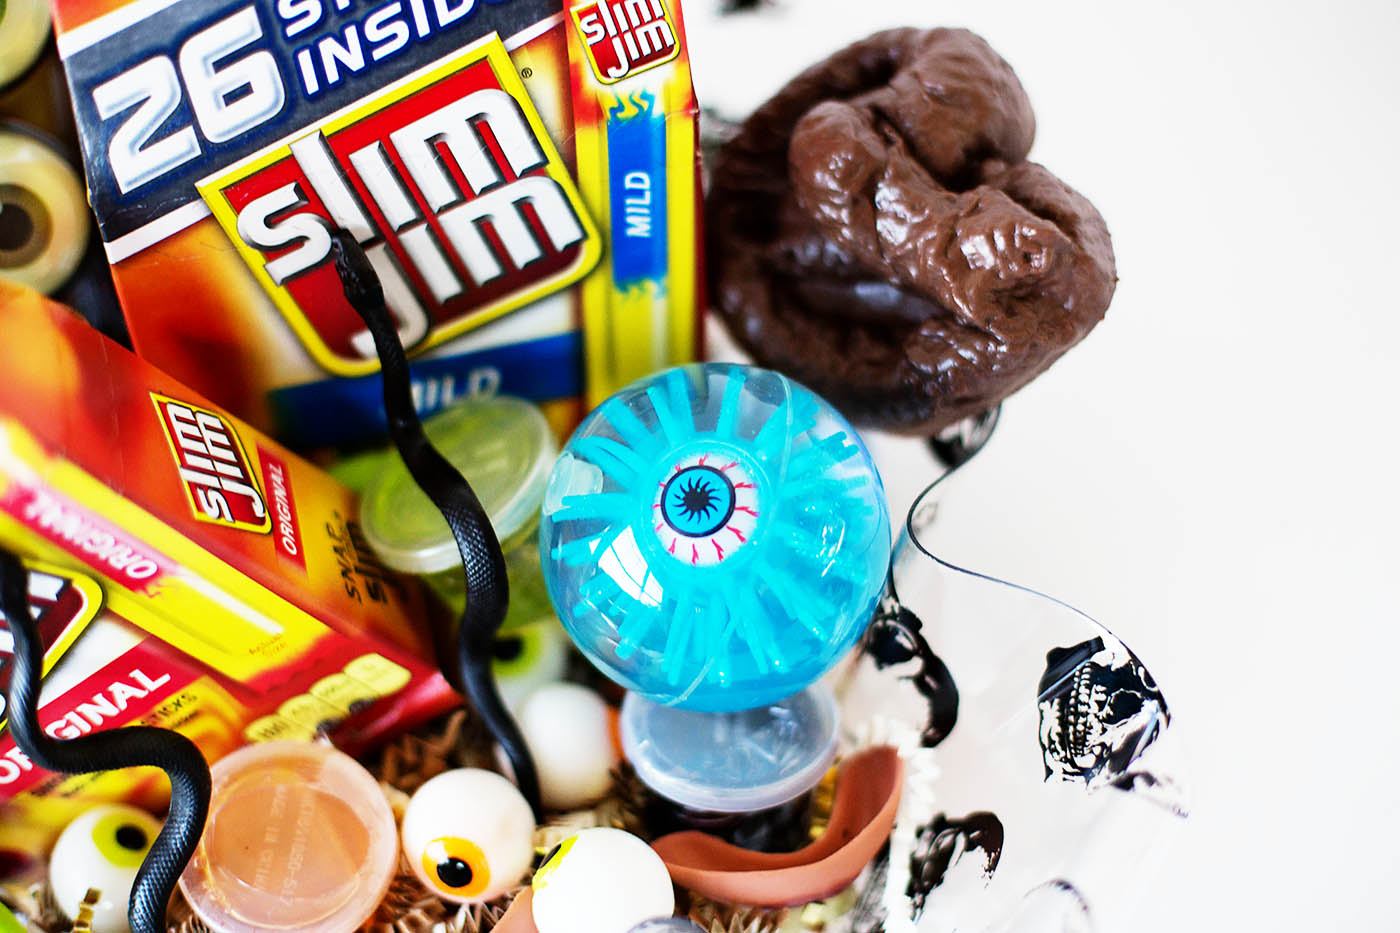 Halloween surprise bucket with Slim Jim